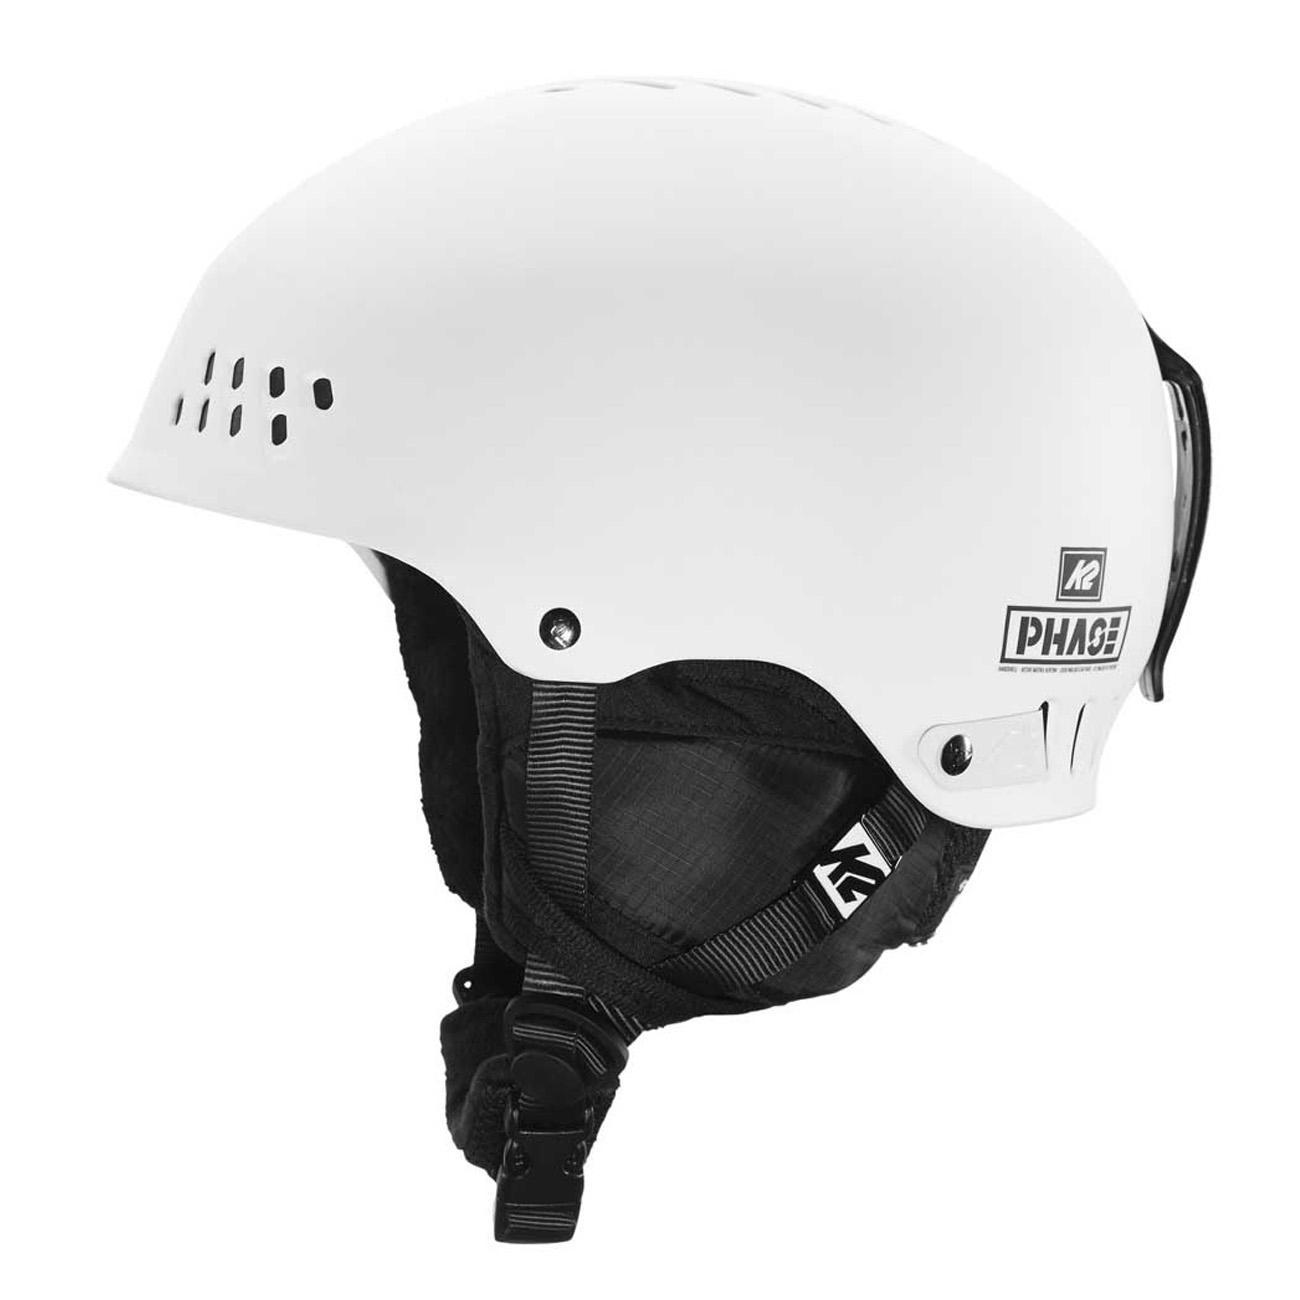 k2-phase-pro-white-skihelm